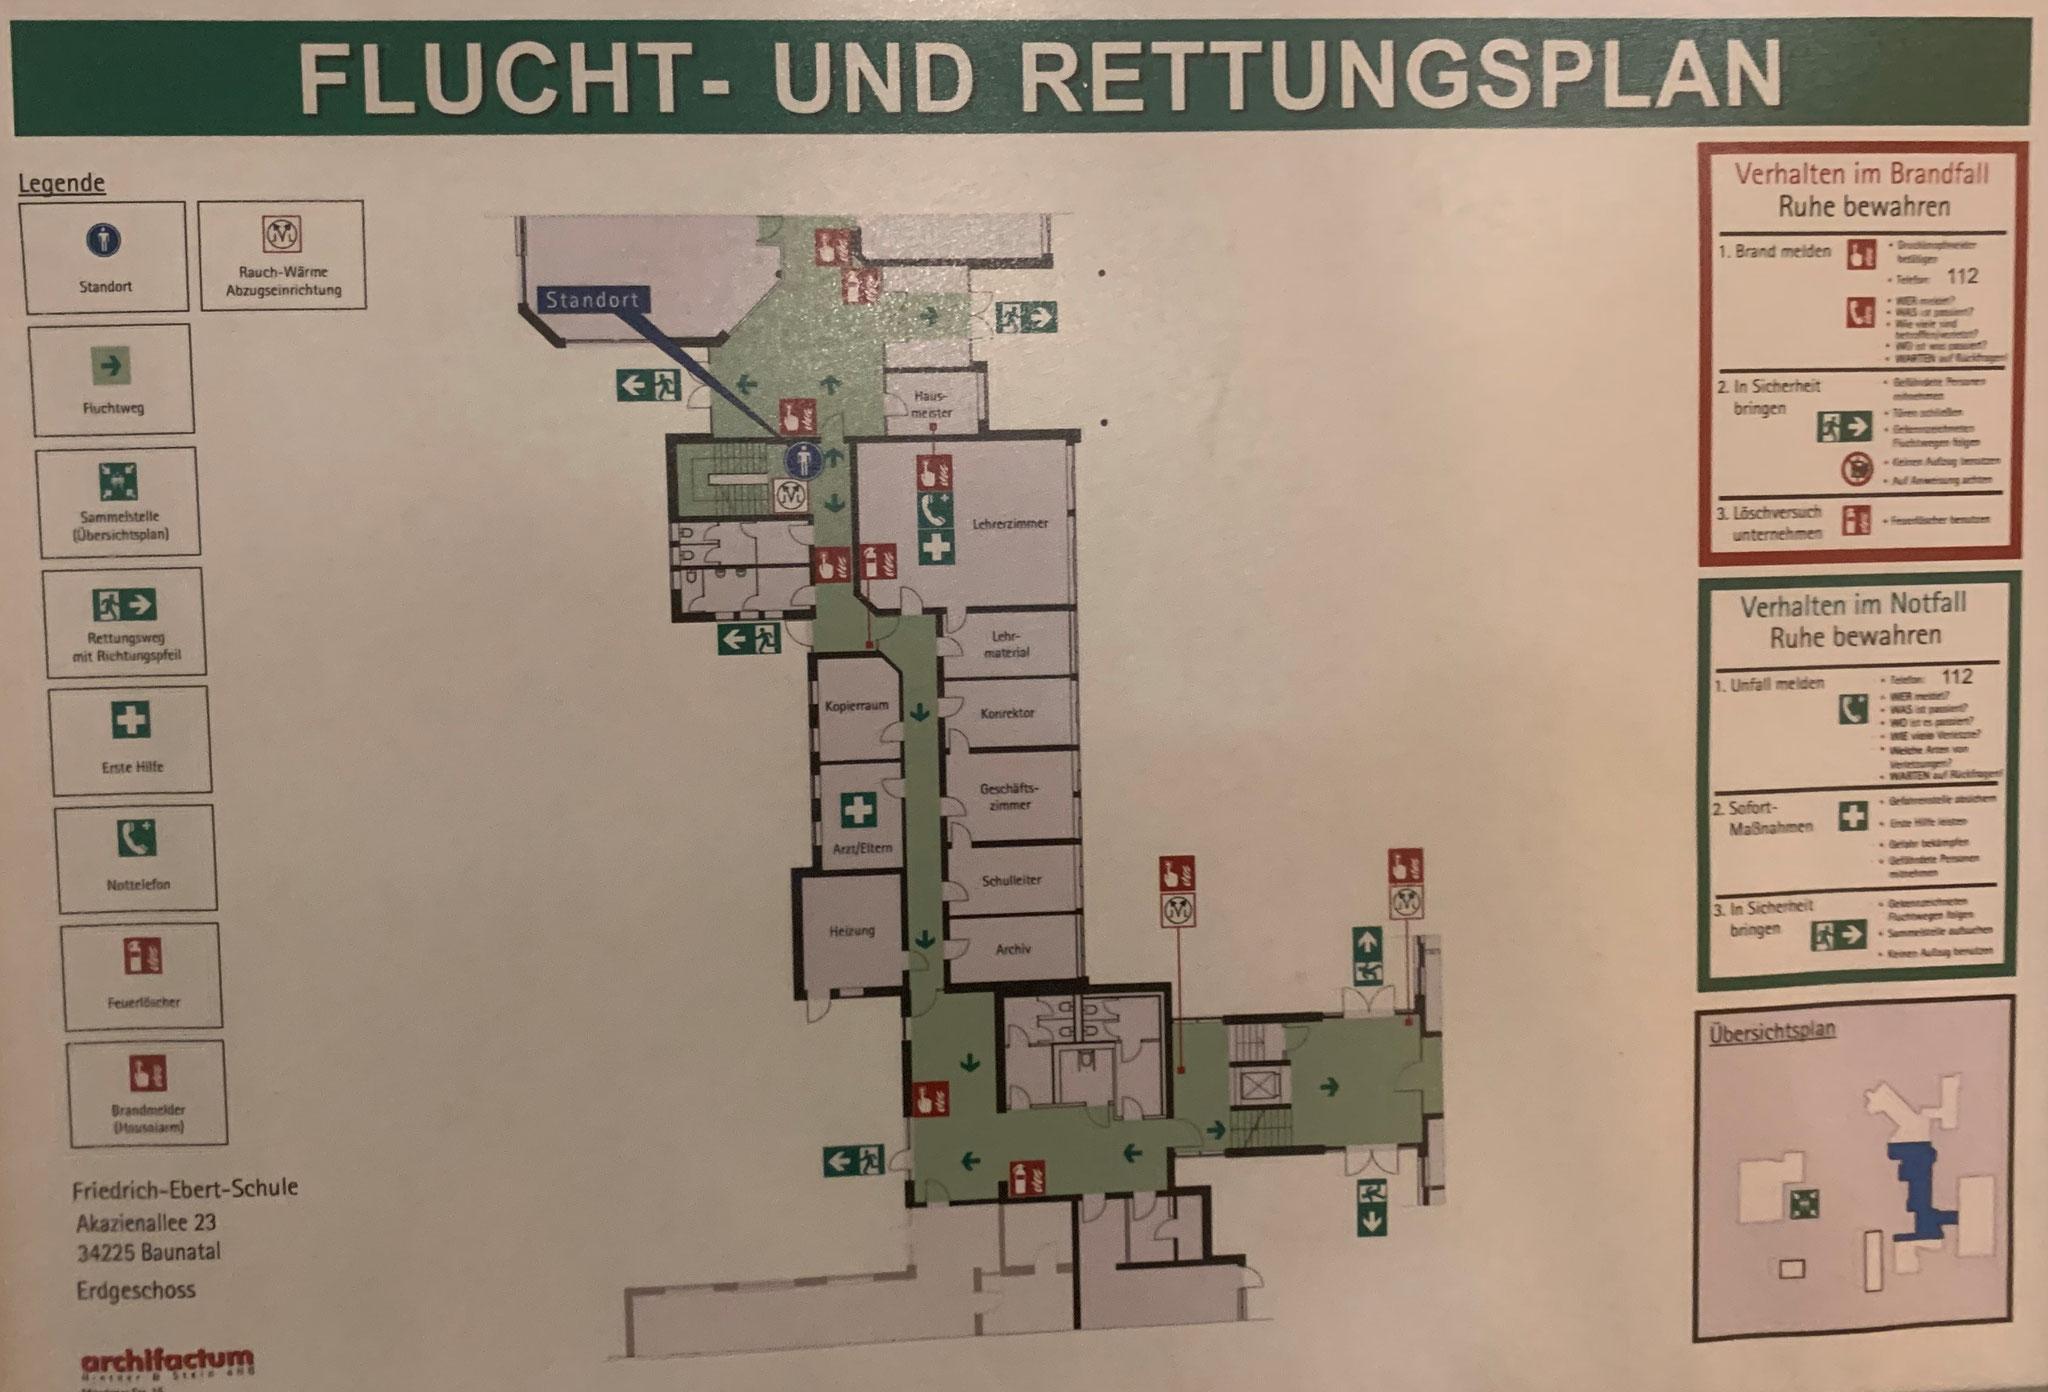 Treppenhaus Verwaltung